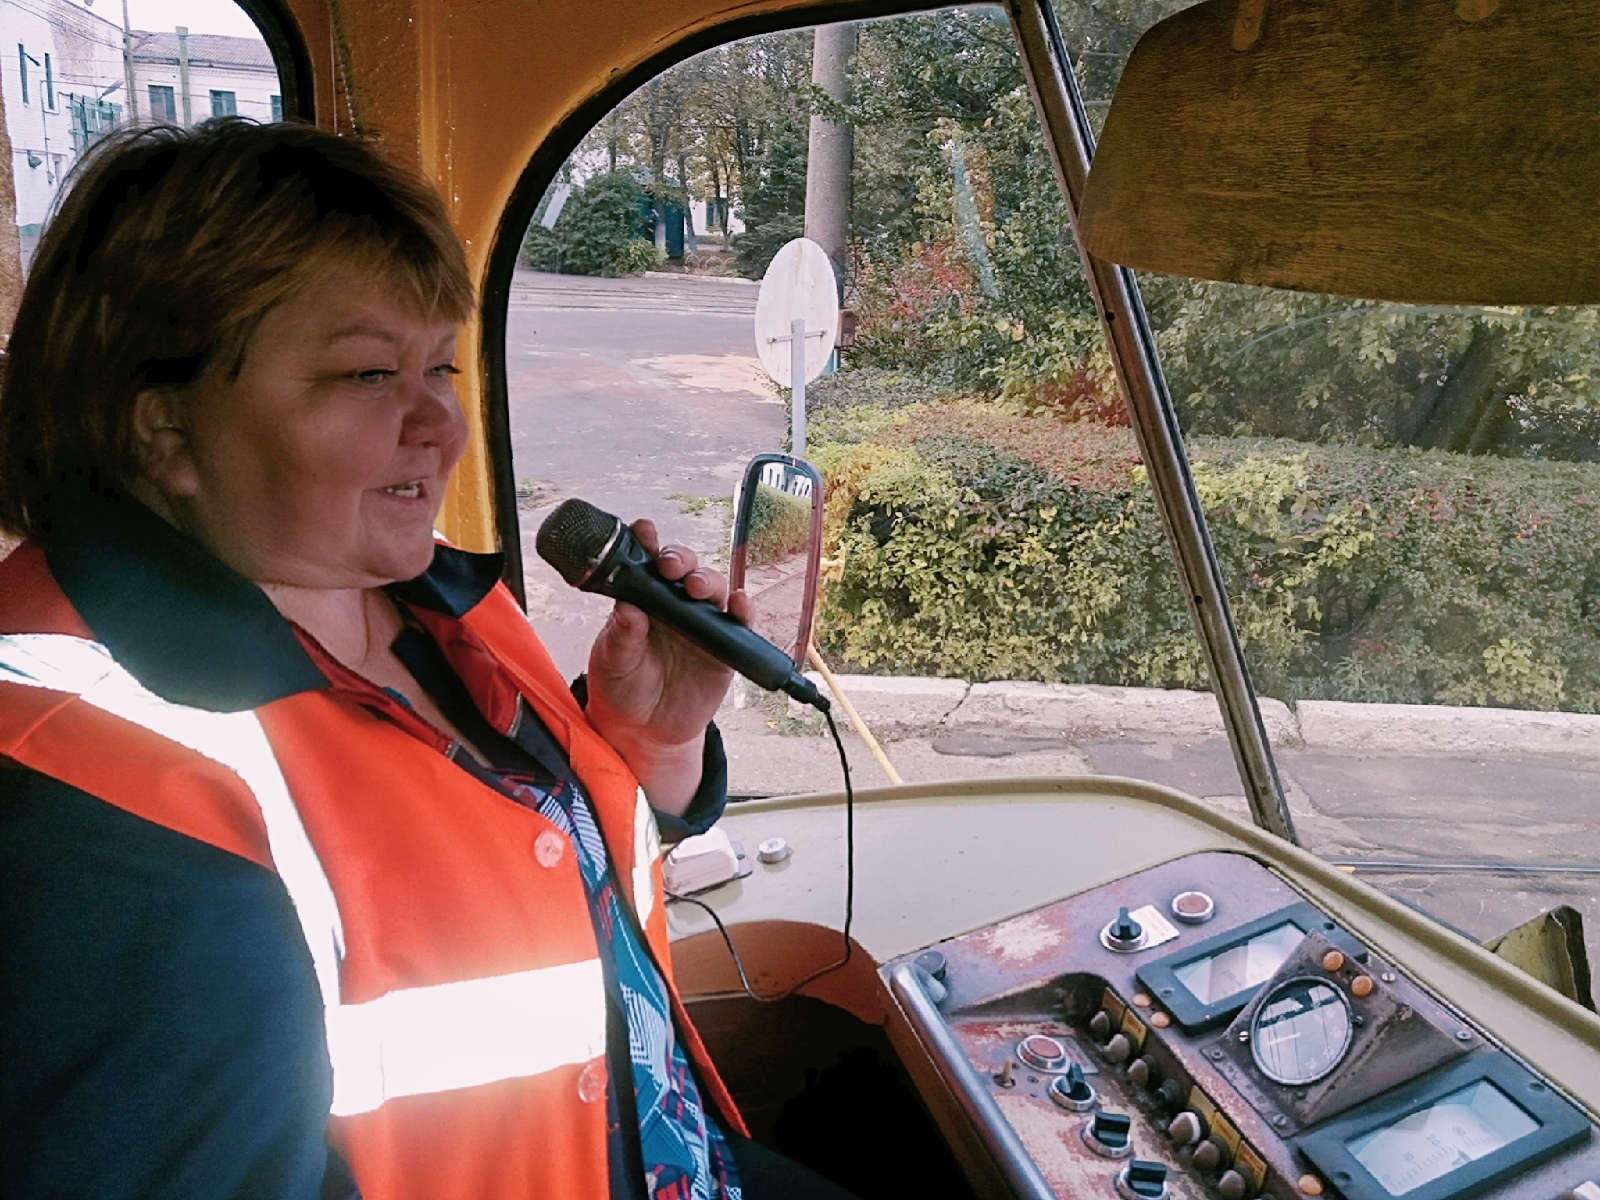 В муниципальном транспорте обновят микрофоны